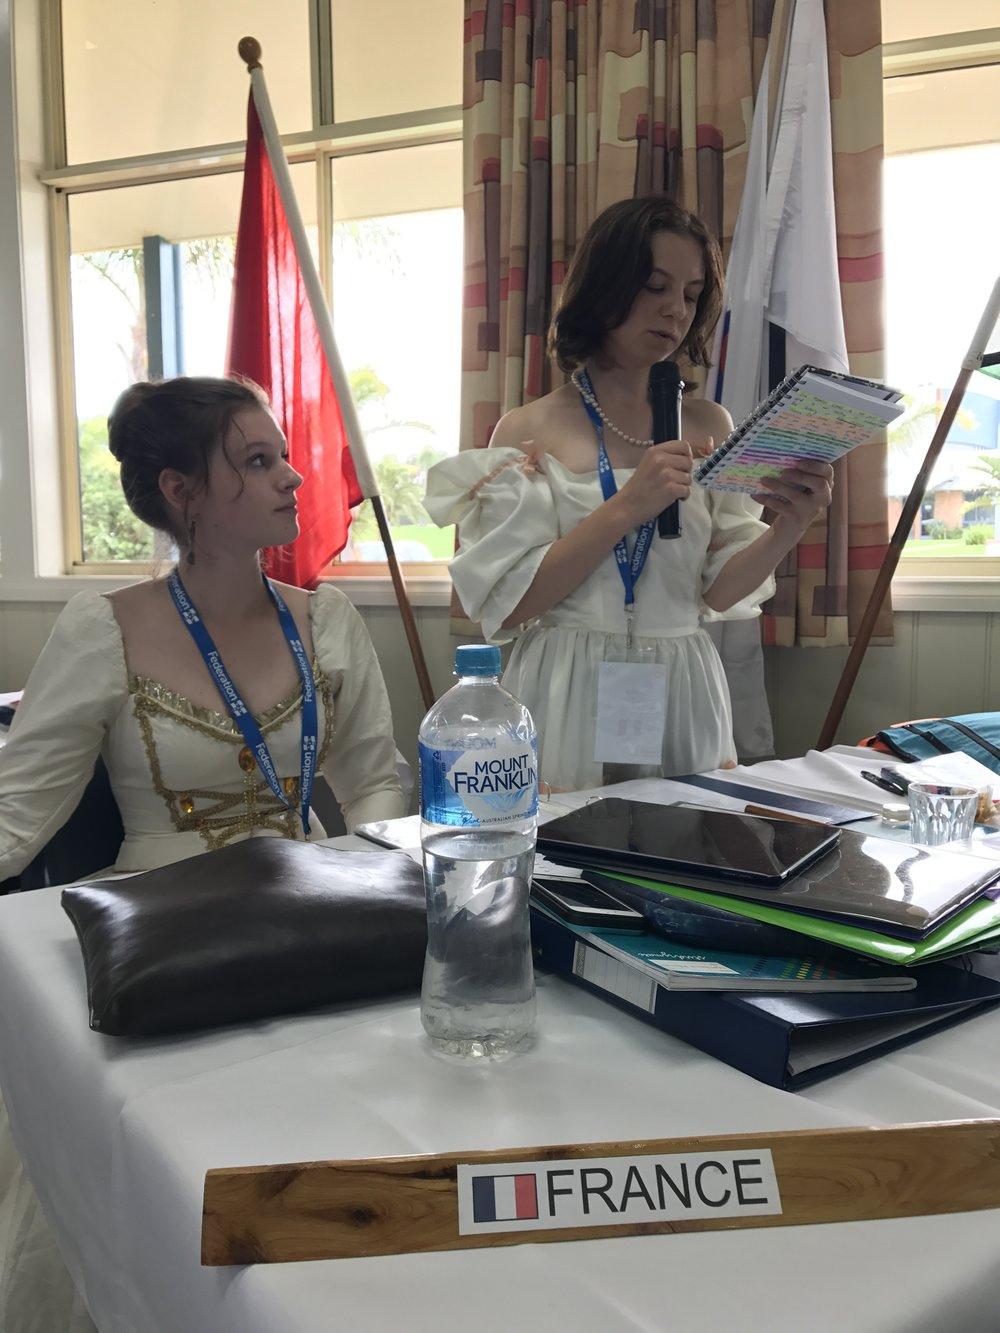 MUNA2017-France-debating.JPG